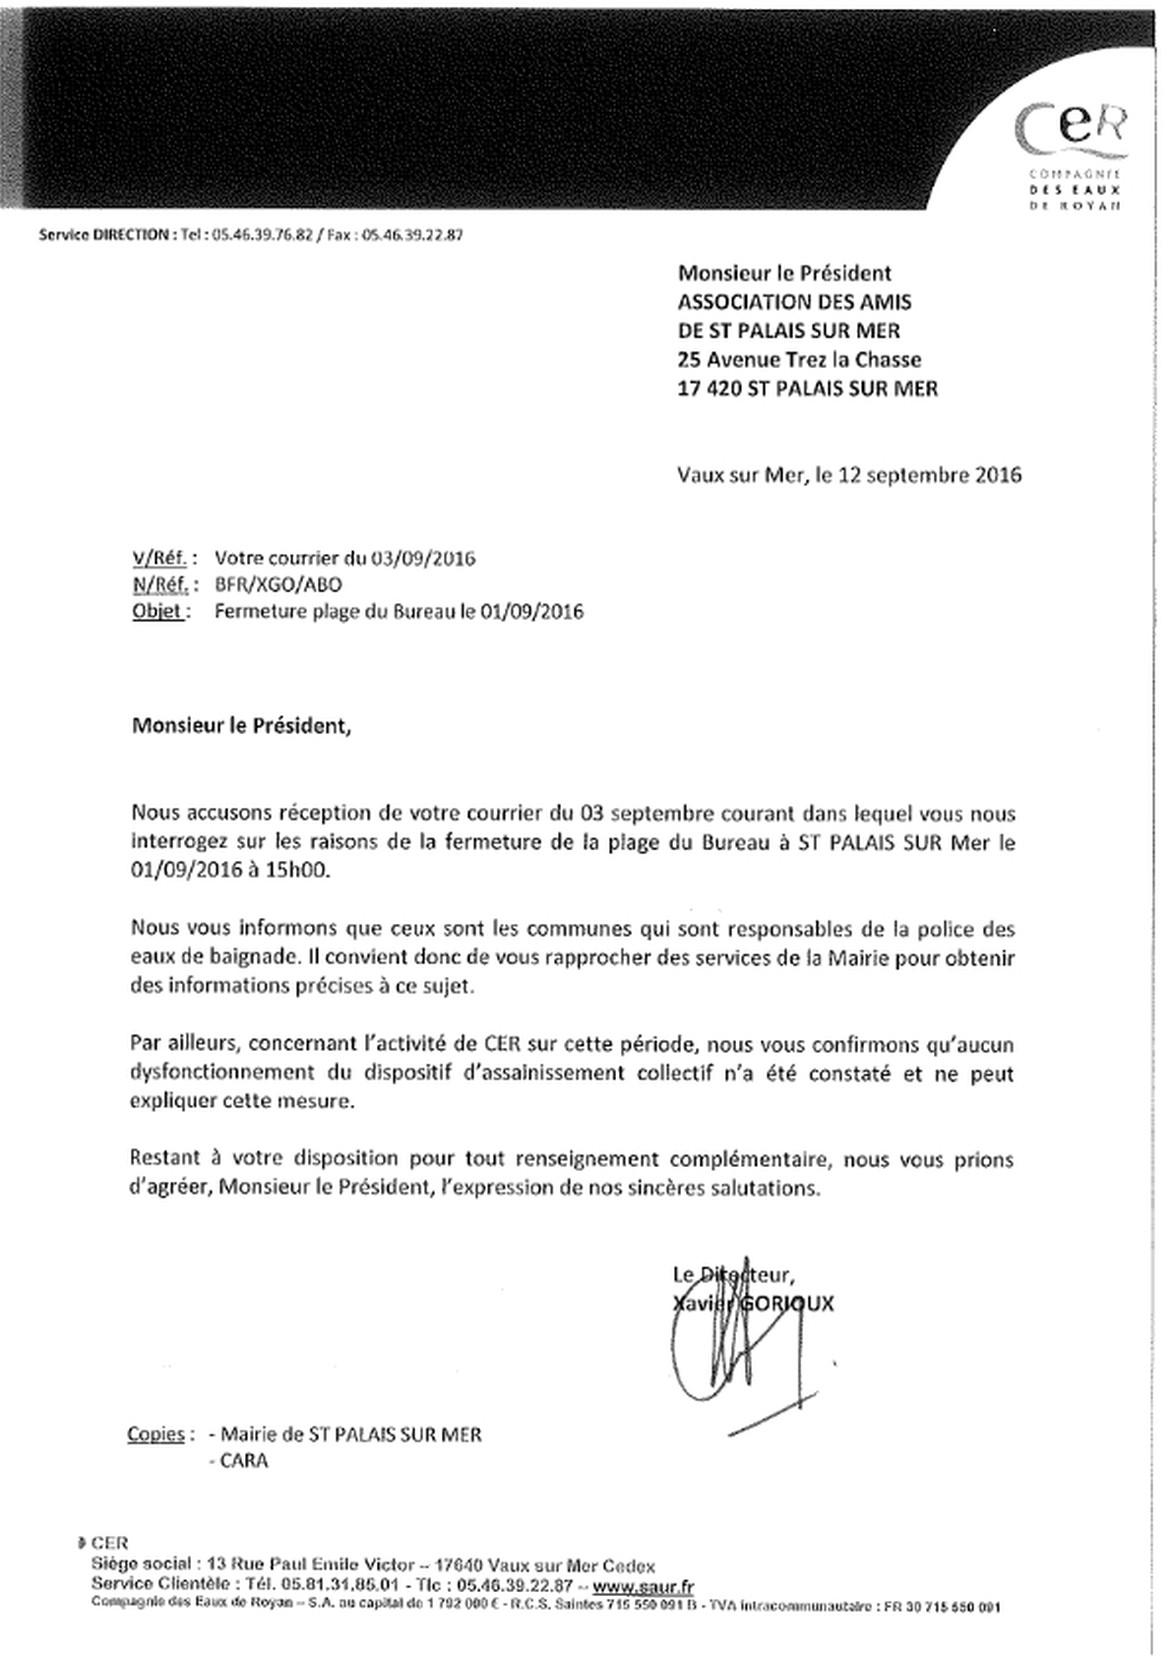 ASSOCIATION DES AMIS DE SAINT PALAIS sur MER